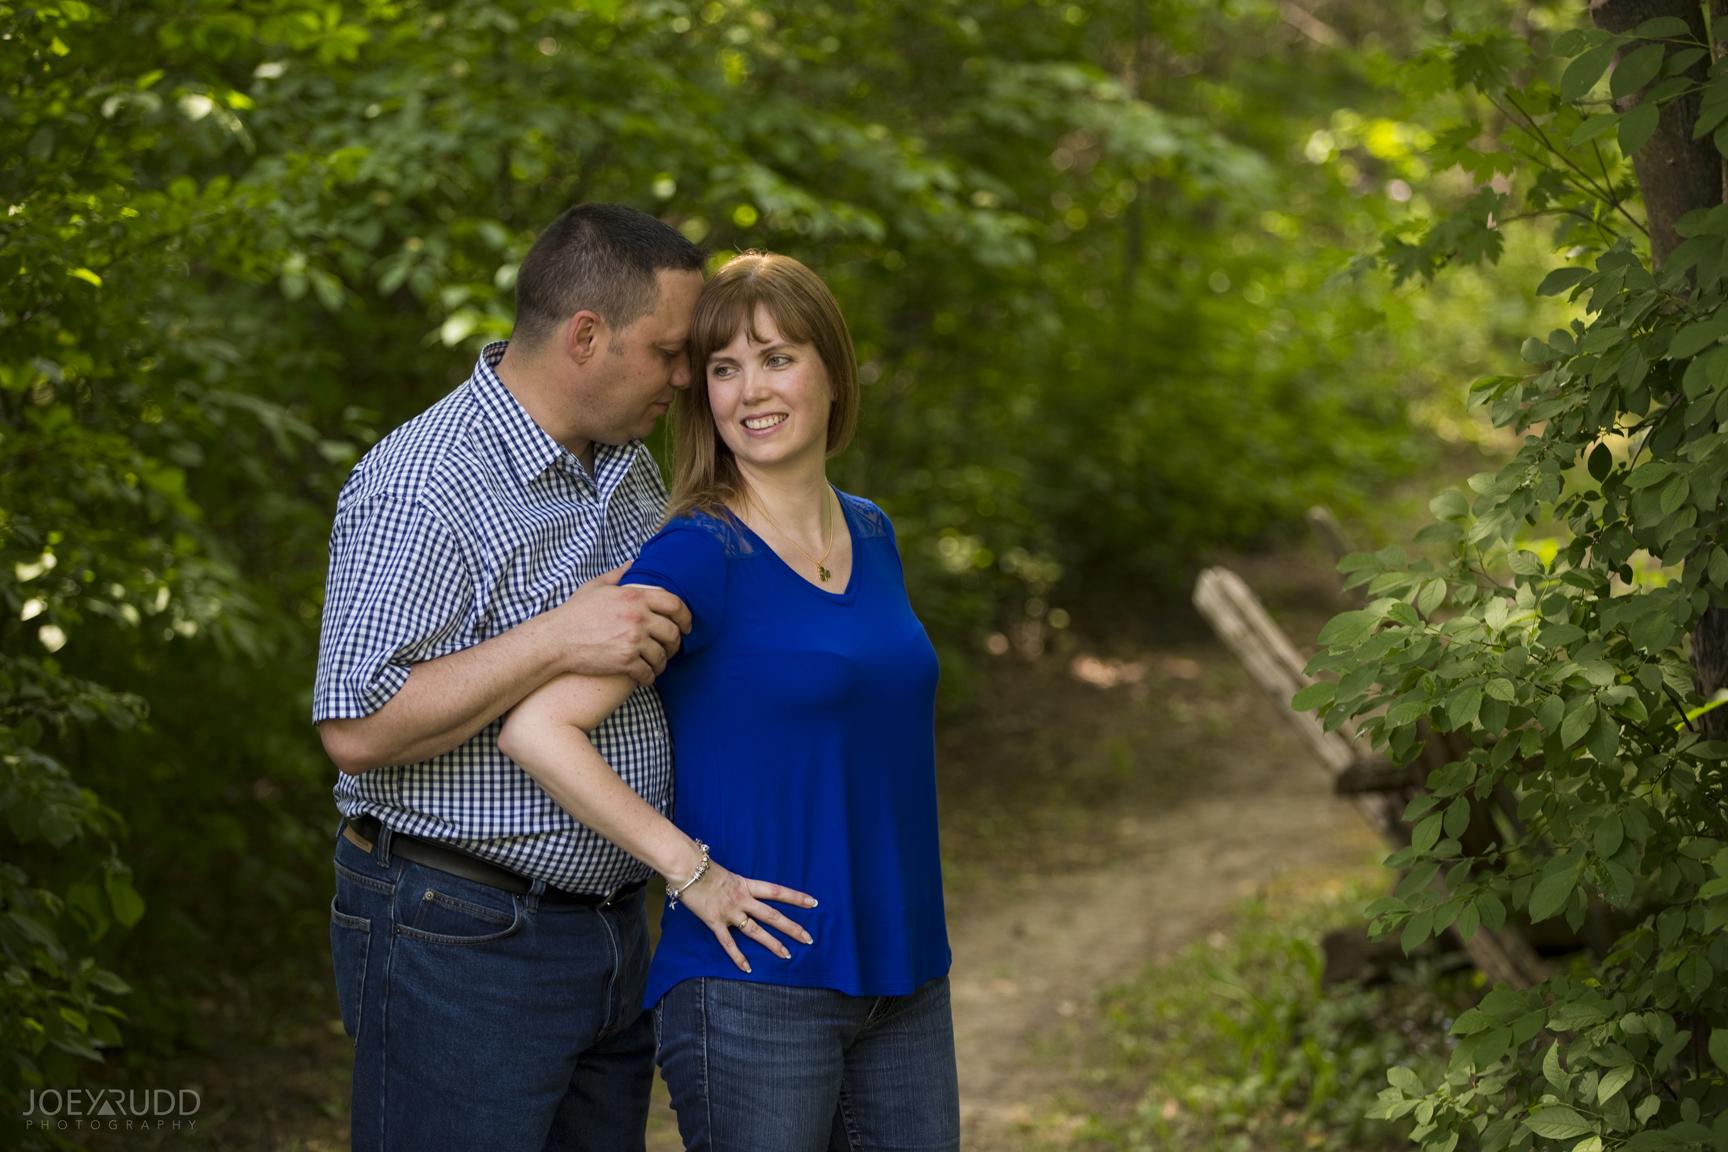 Manotick Engagement by Ottawa Wedding Photographer Joey Rudd Photography at Watsons Mill Nature